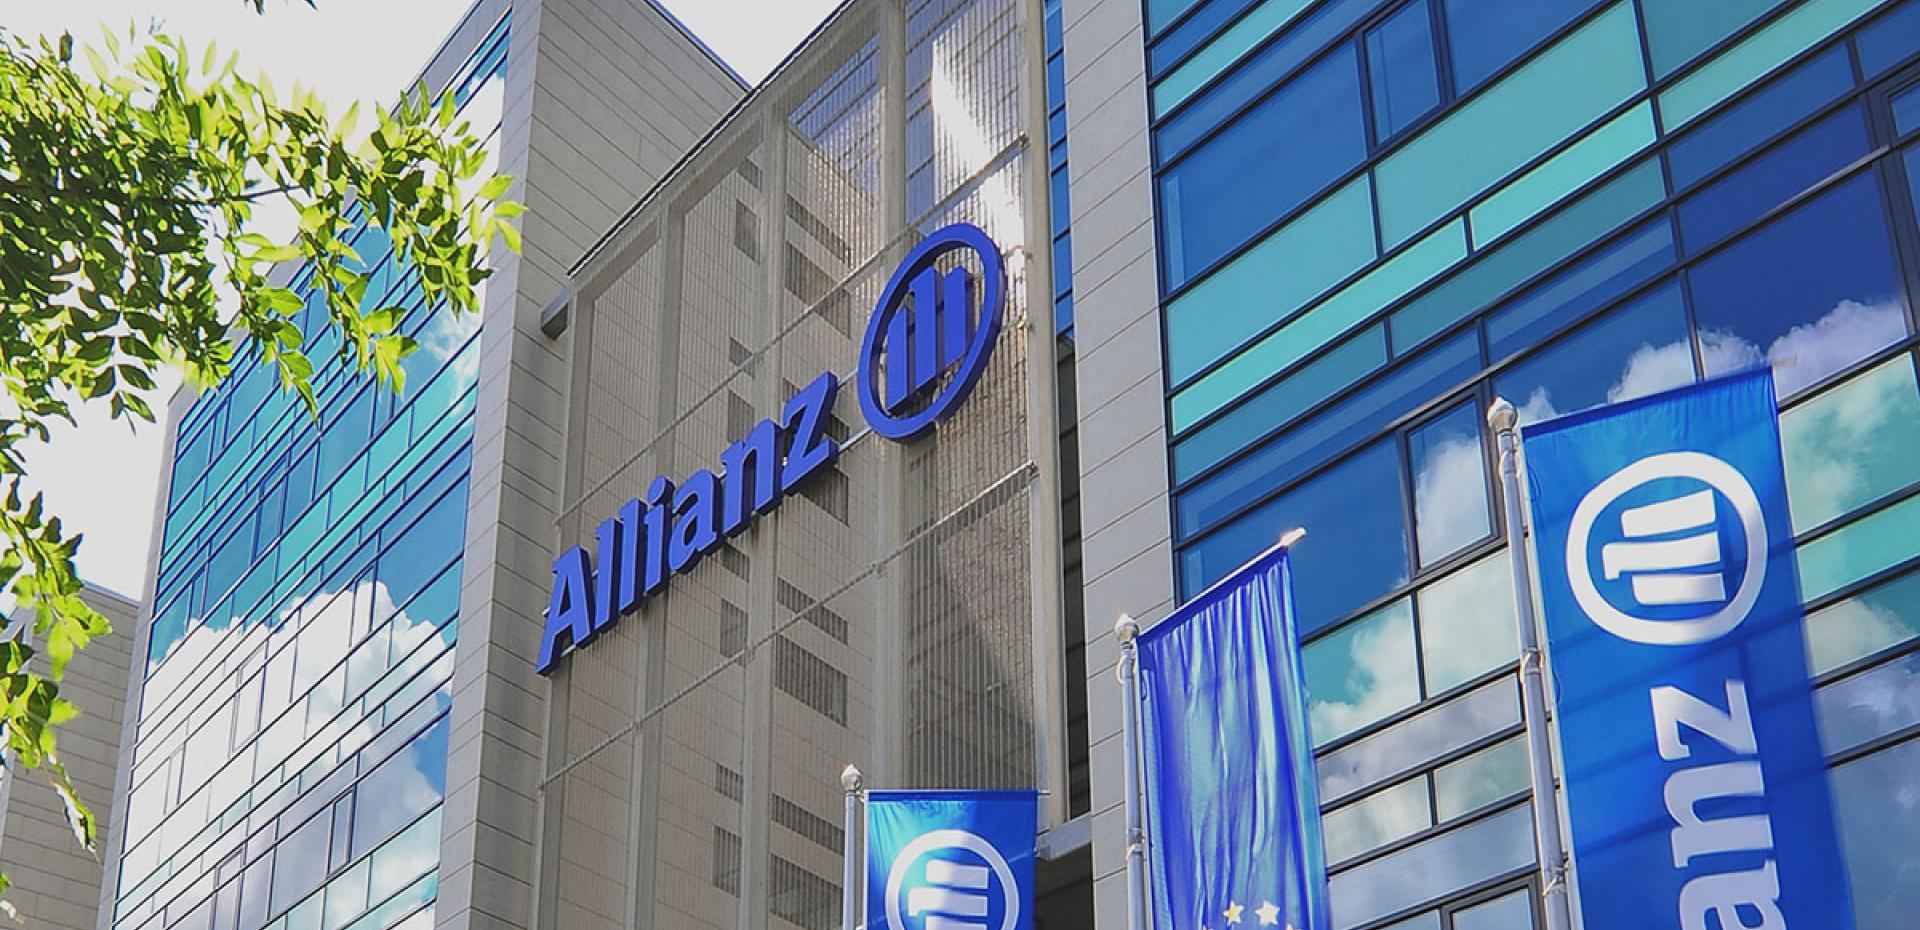 Assicurazione Allianz - Budapest